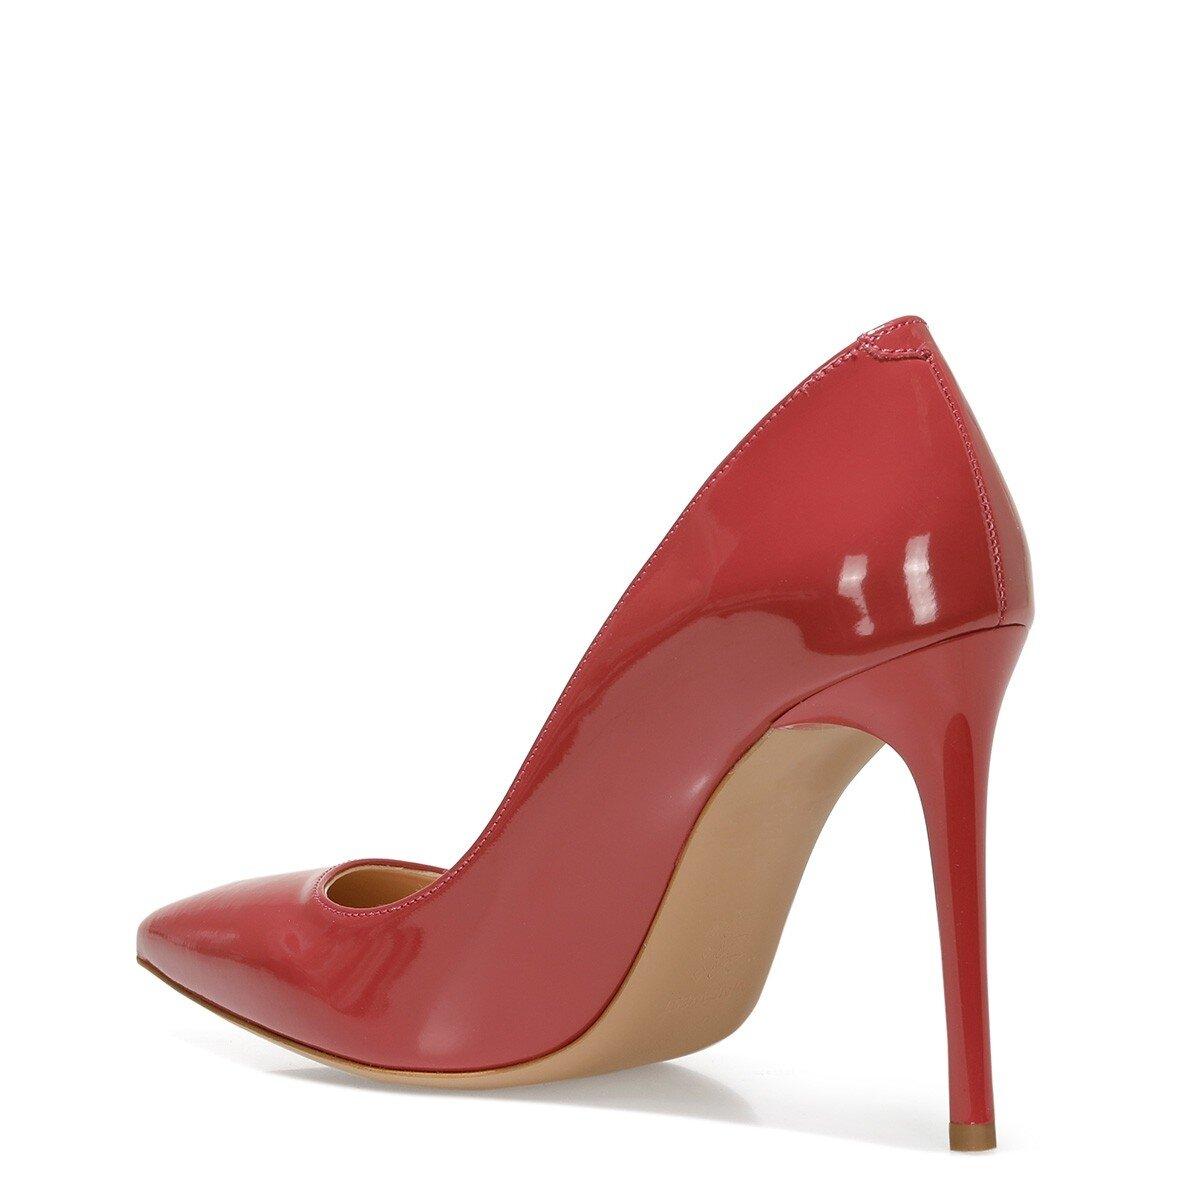 SUNDE 1FX Kırmızı Kadın Gova Ayakkabı